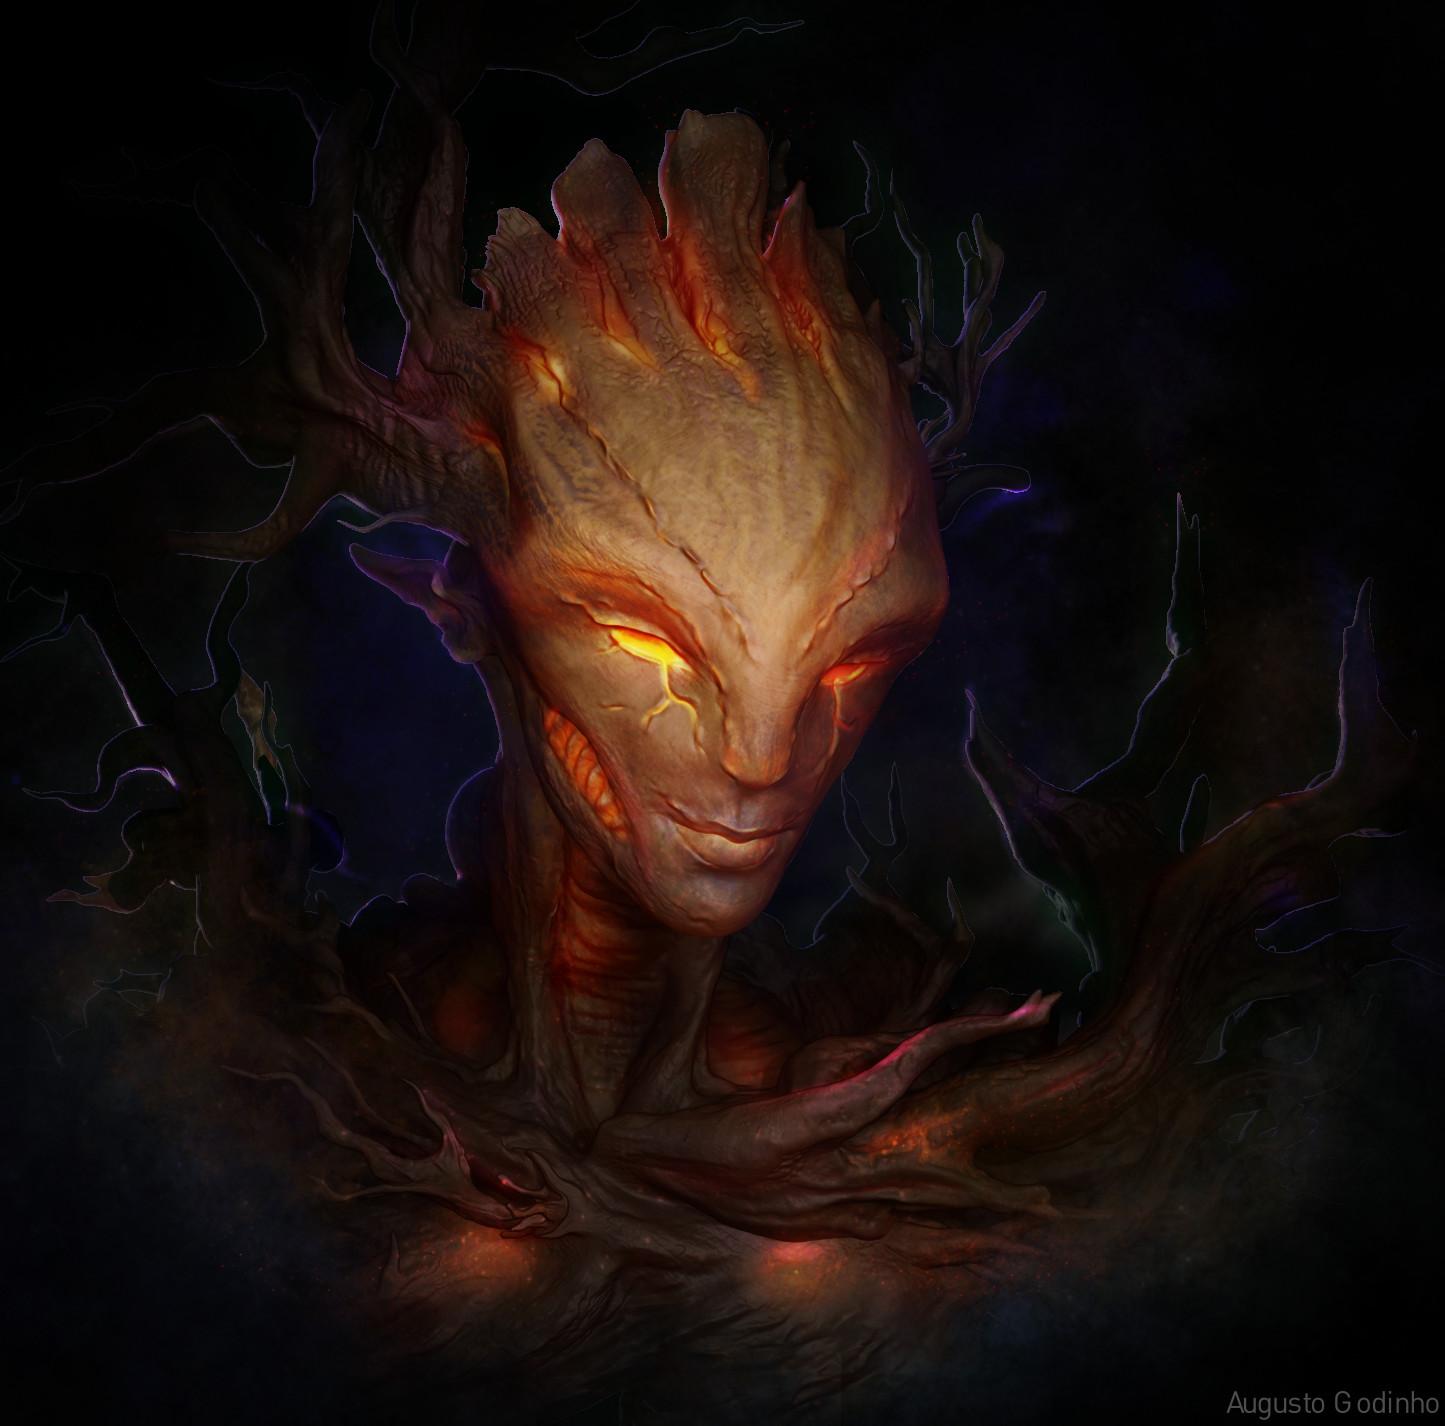 by Augusto Godinho - Elder Scrolls 5: Skyrim, the